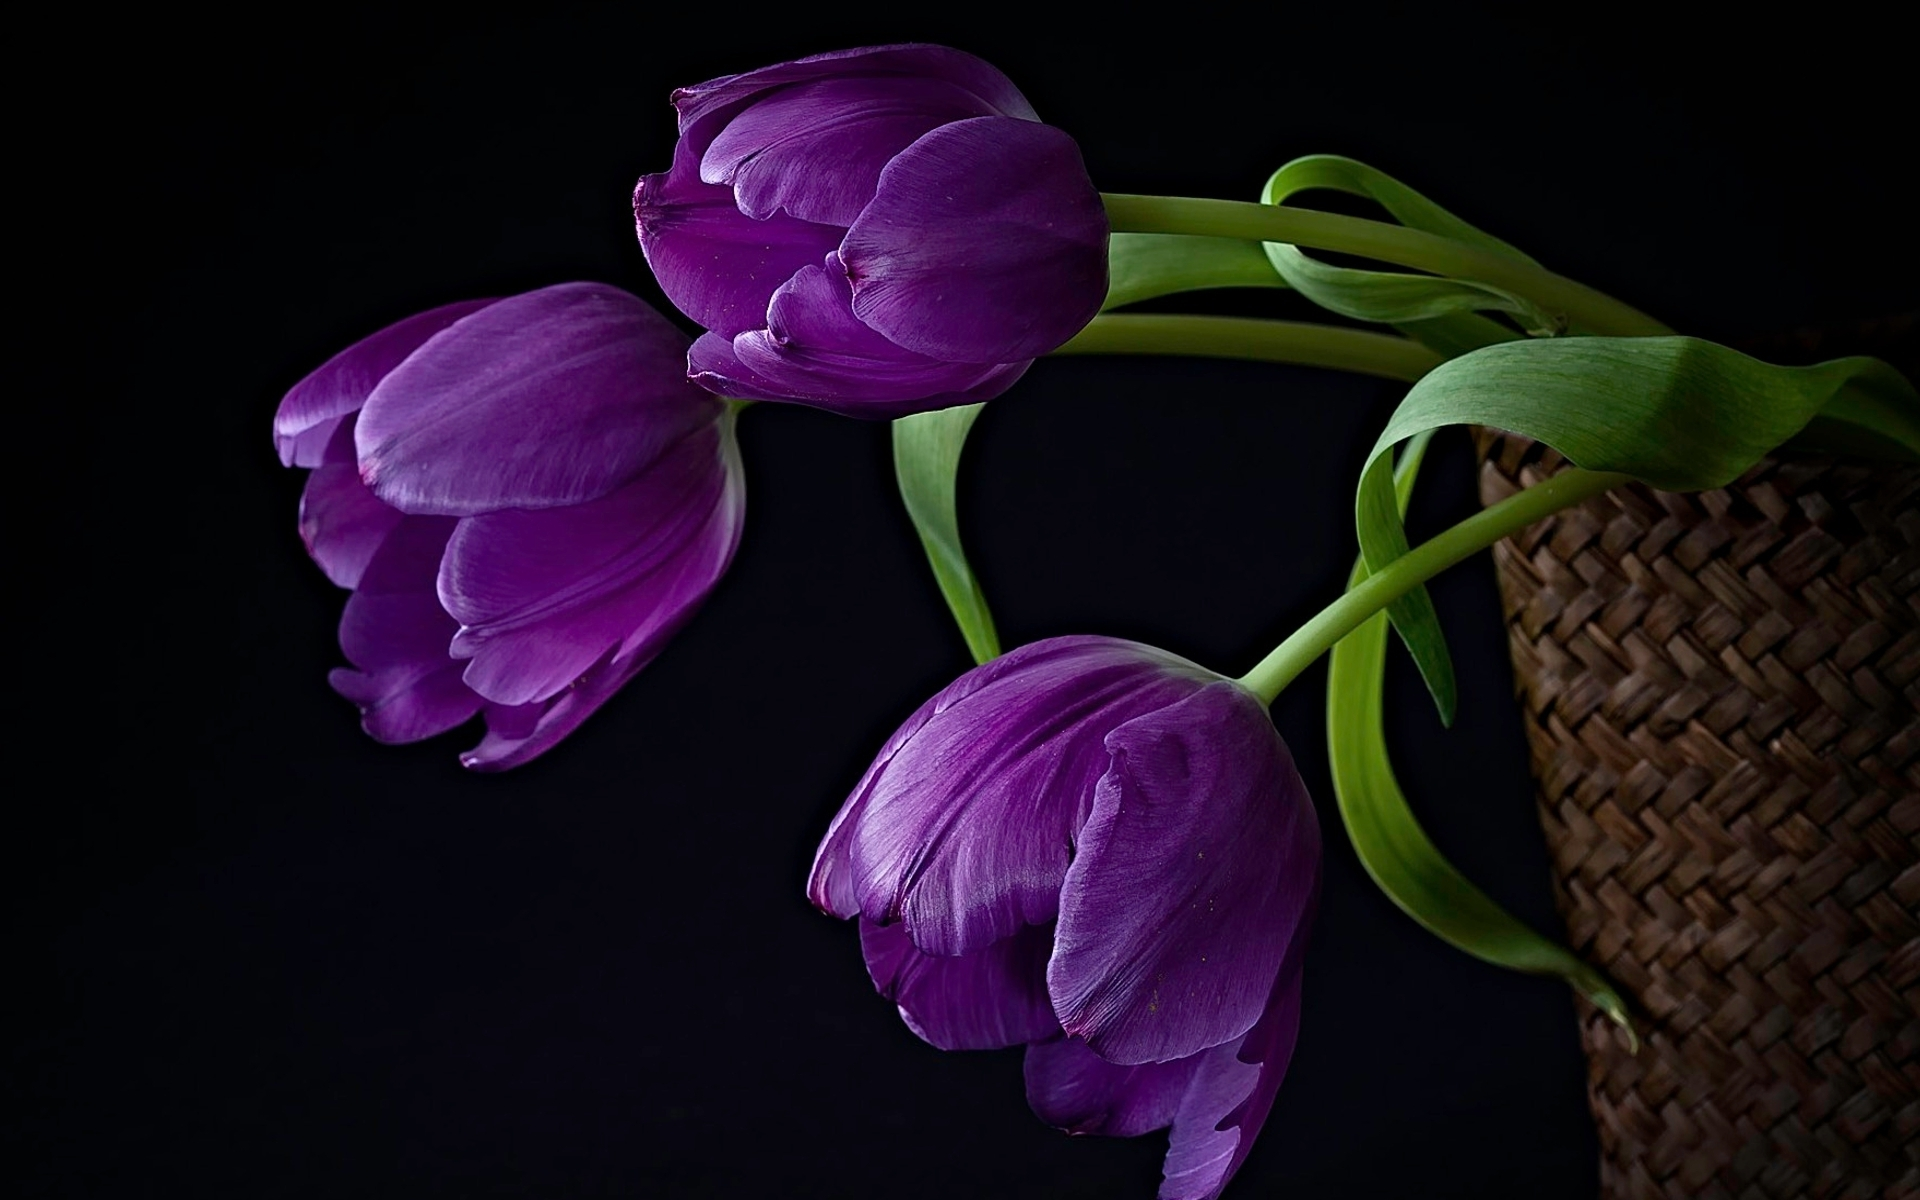 35791 Hintergrundbild herunterladen Tulpen, Pflanzen, Blumen - Bildschirmschoner und Bilder kostenlos